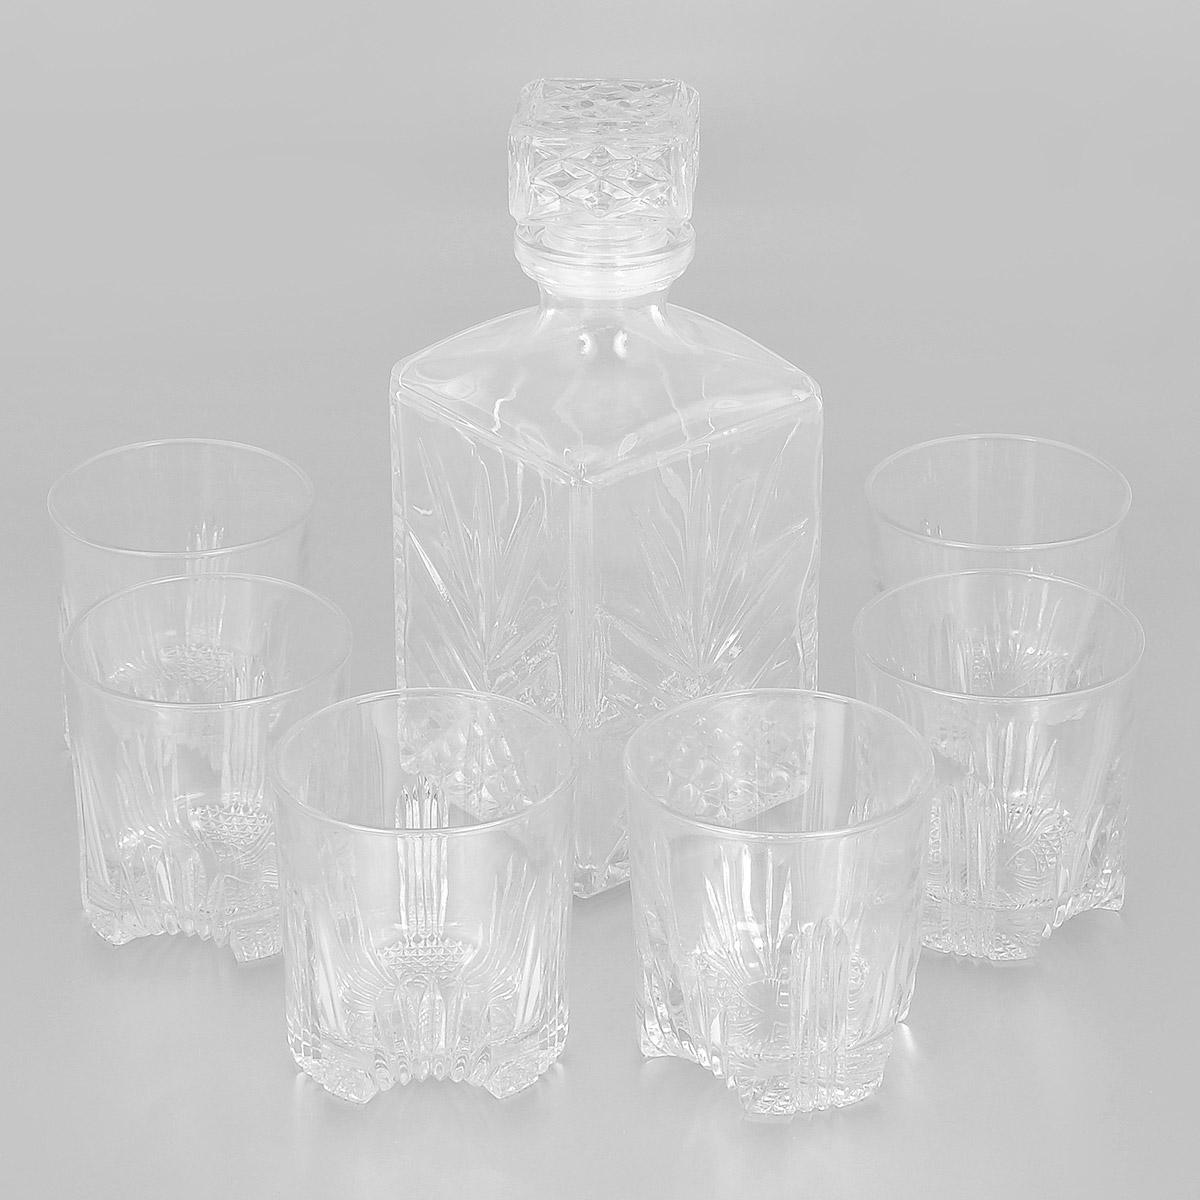 Набор Bormioli Rocco Selecta: графин с крышкой, 6 стаканов226041S1A021990Набор Bormioli Rocco Selecta, выполненный из высококачественного стекла, состоит из графина с крышкой и шести стаканов. Предметы набора предназначены для подачи воды, сока, лимонада и других напитков. Благодаря такому набору пить напитки будет еще вкуснее.Набор Bormioli Rocco Selecta идеально подойдет для сервировки стола и станет отличным подарком к любому празднику.